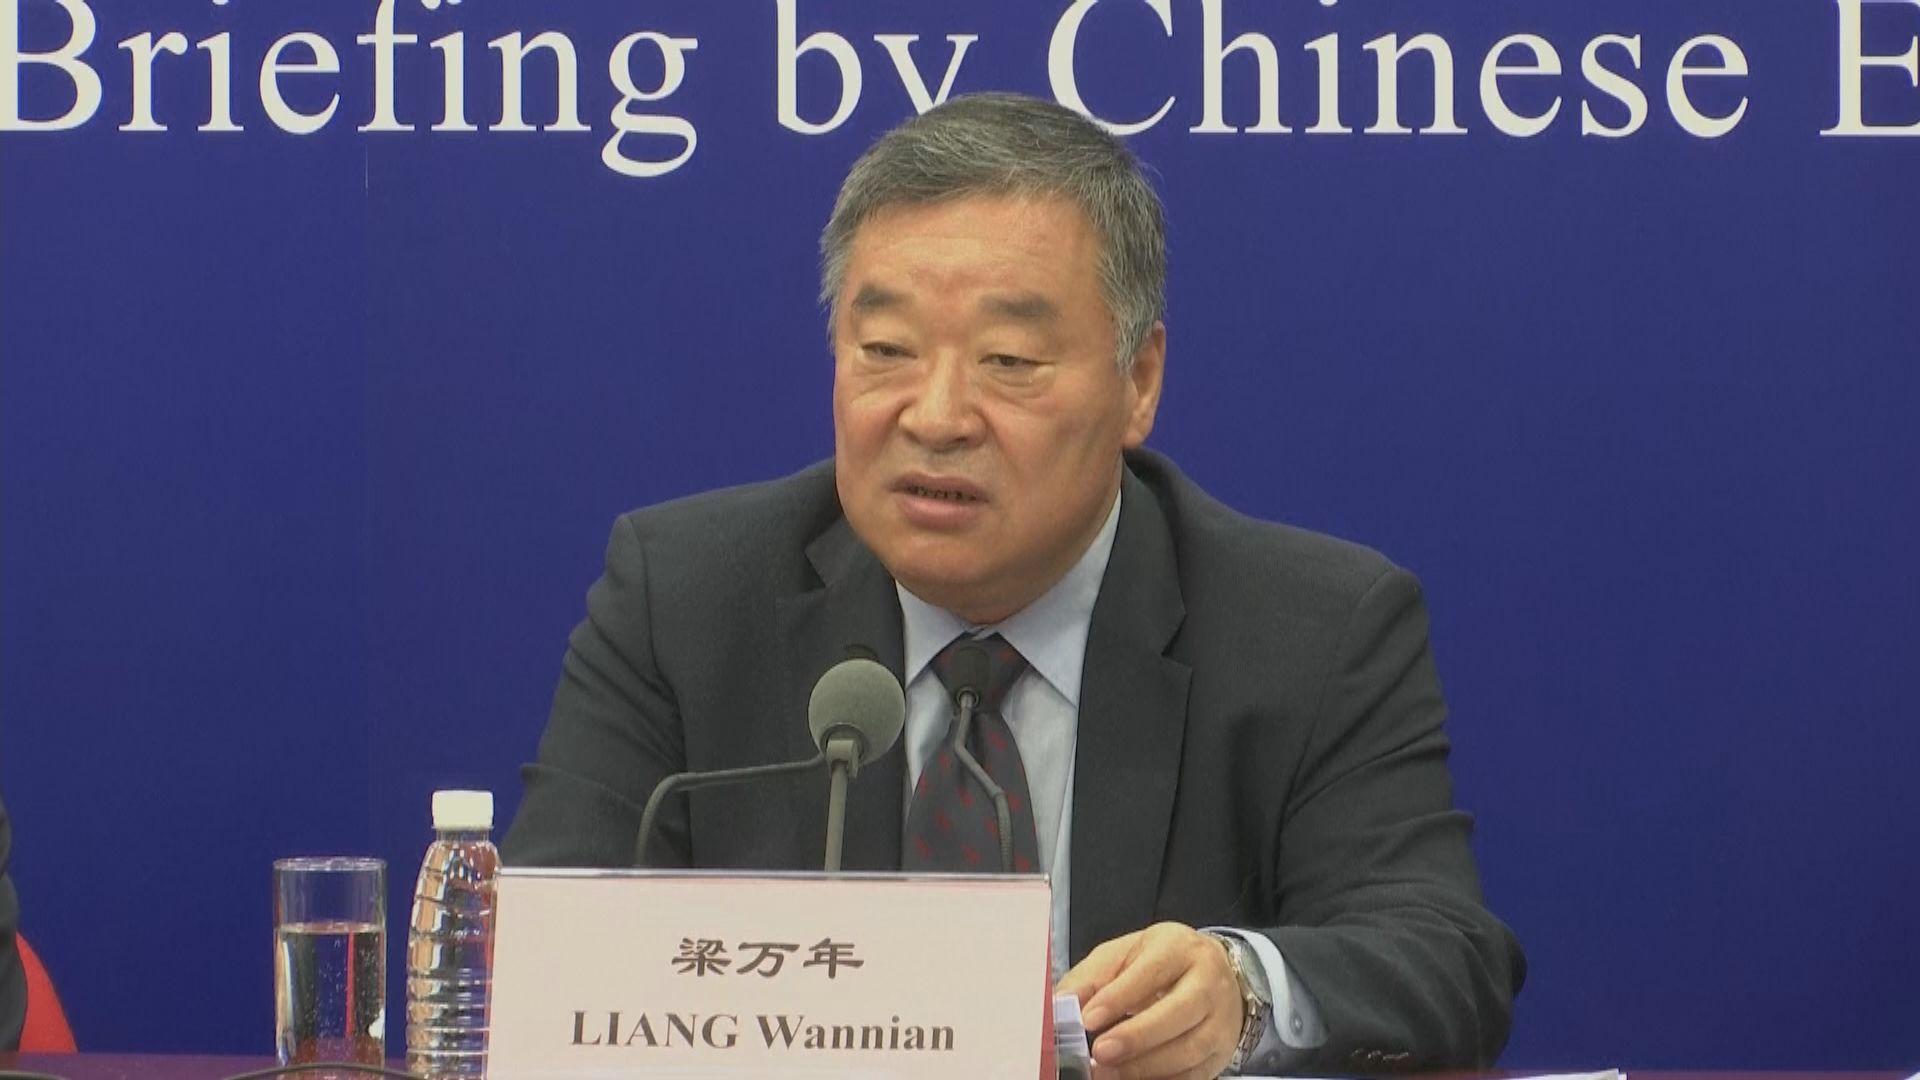 世衛專家組中方組長:中國沒有提供新冠病毒原始數據說法不成立